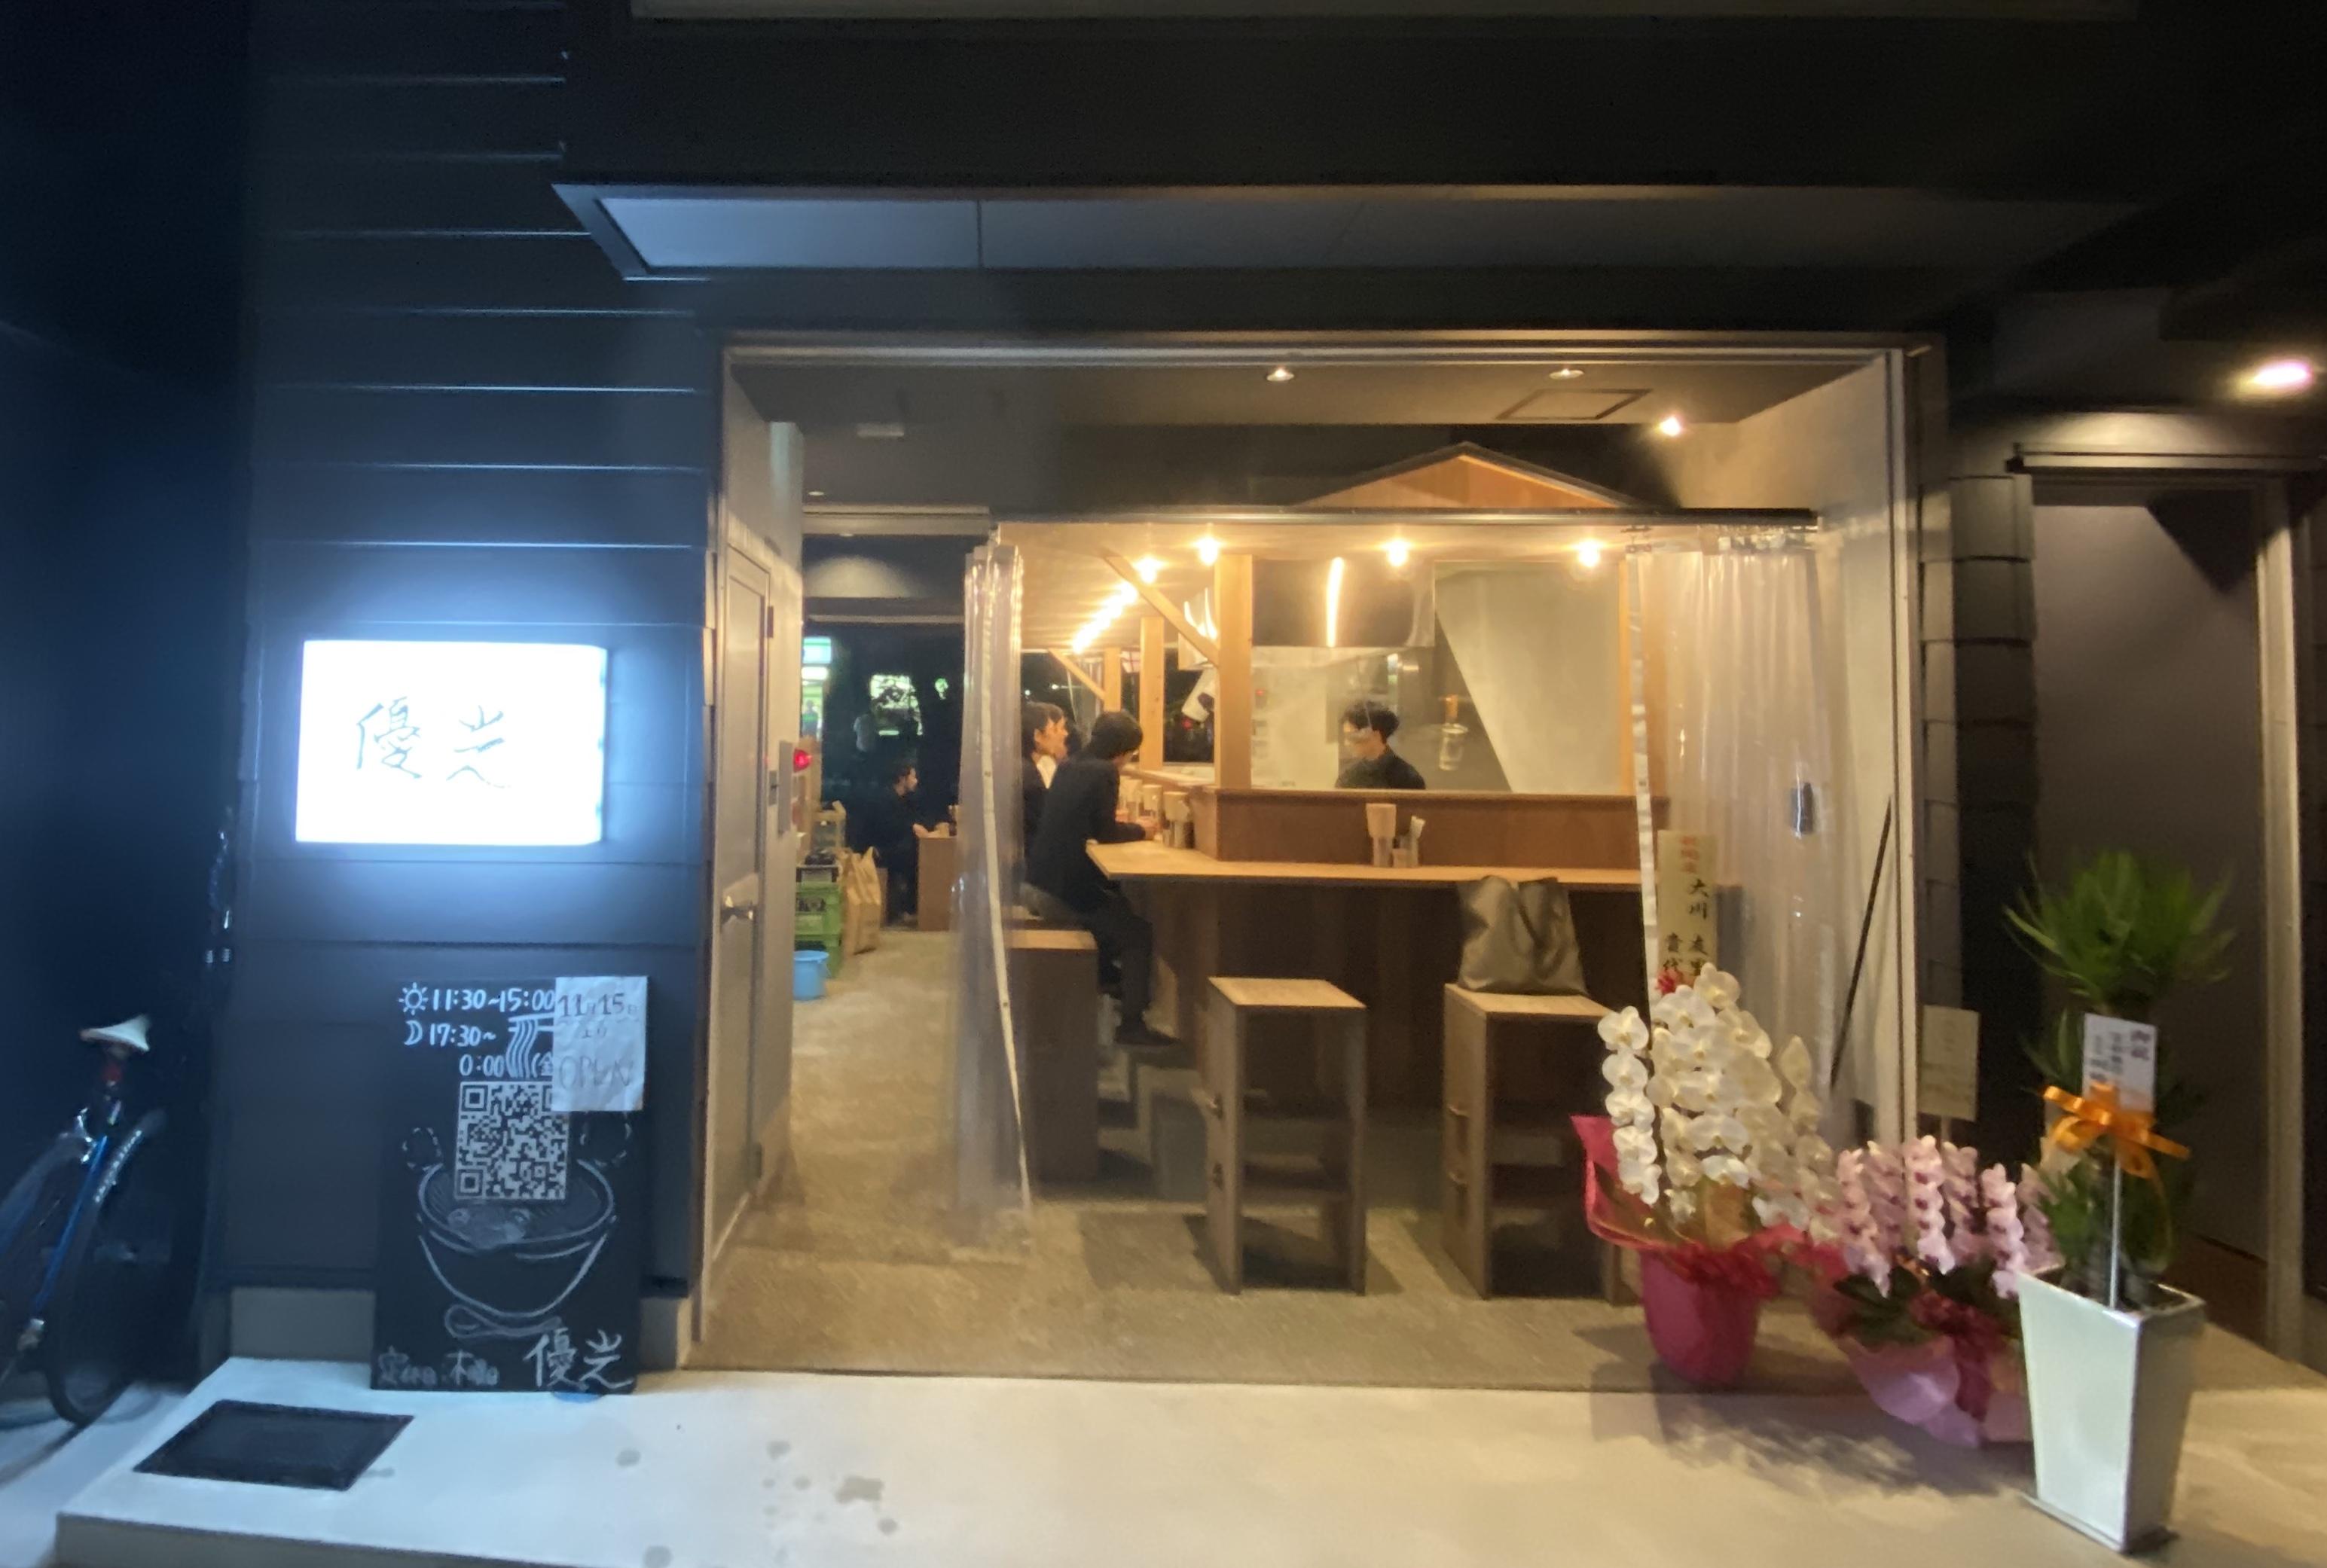 屋内型屋台ラーメン店 「屋台優光」オープン